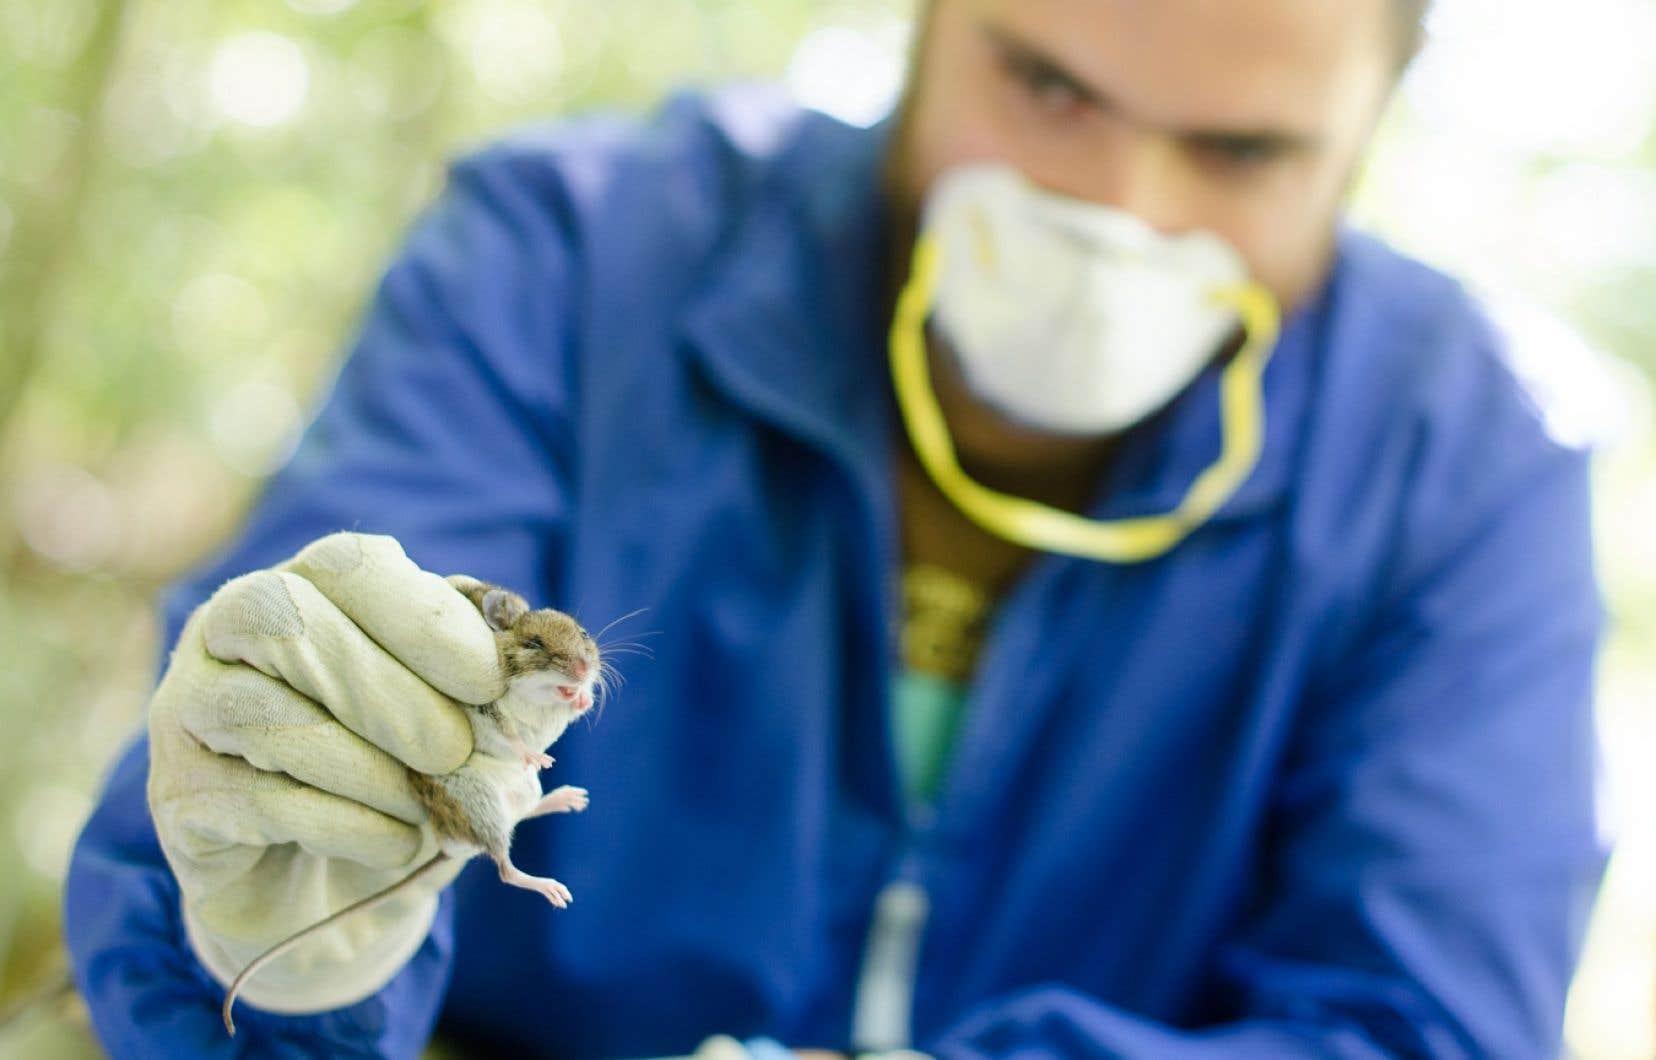 «Seuls les expérimentateurs de sexe masculin induisaient l'analgésie chez les petits mammifères.» — Jeffrey Mogil, Université McGill